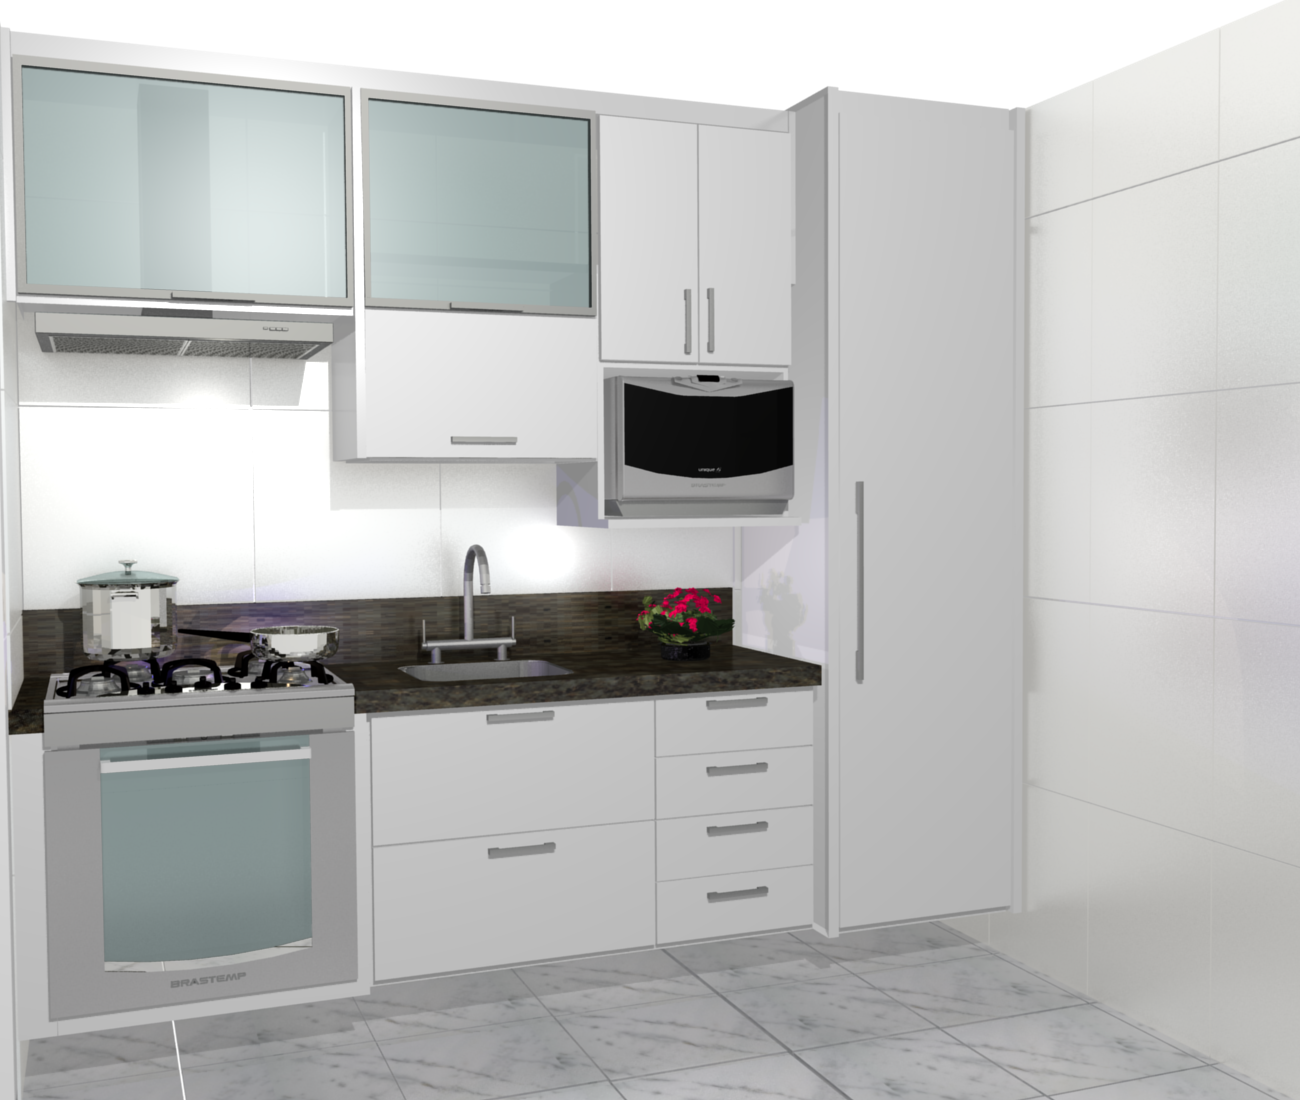 Cozinhas planejadas #633F42 1300 1100